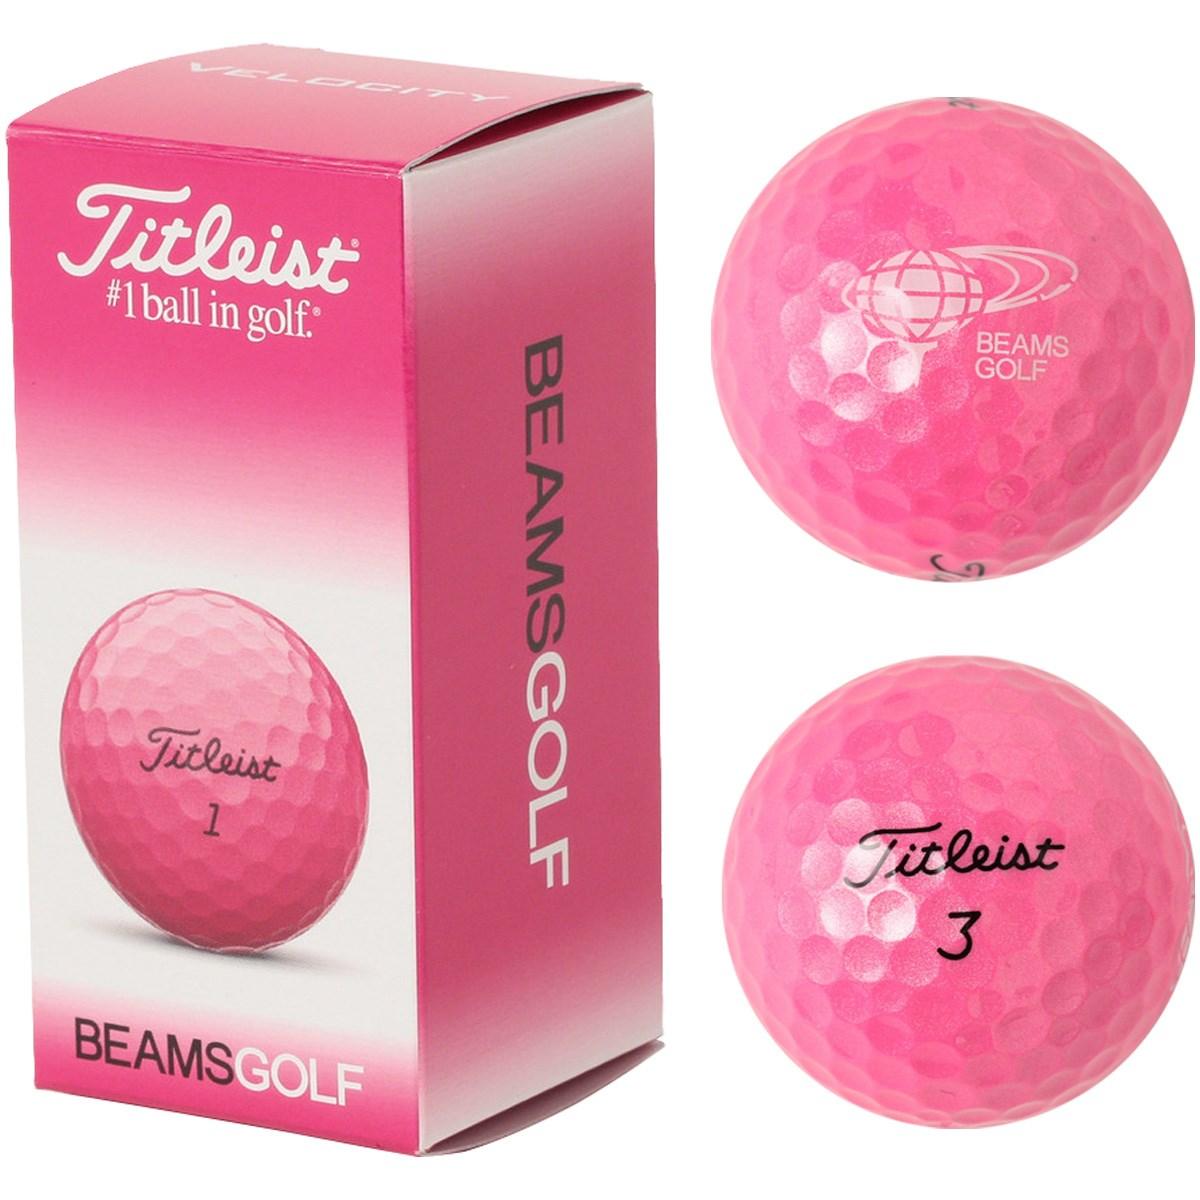 ビームスゴルフ Titleist×BEAMS GOLF VELOCITY PINK 2 ゴルフボール